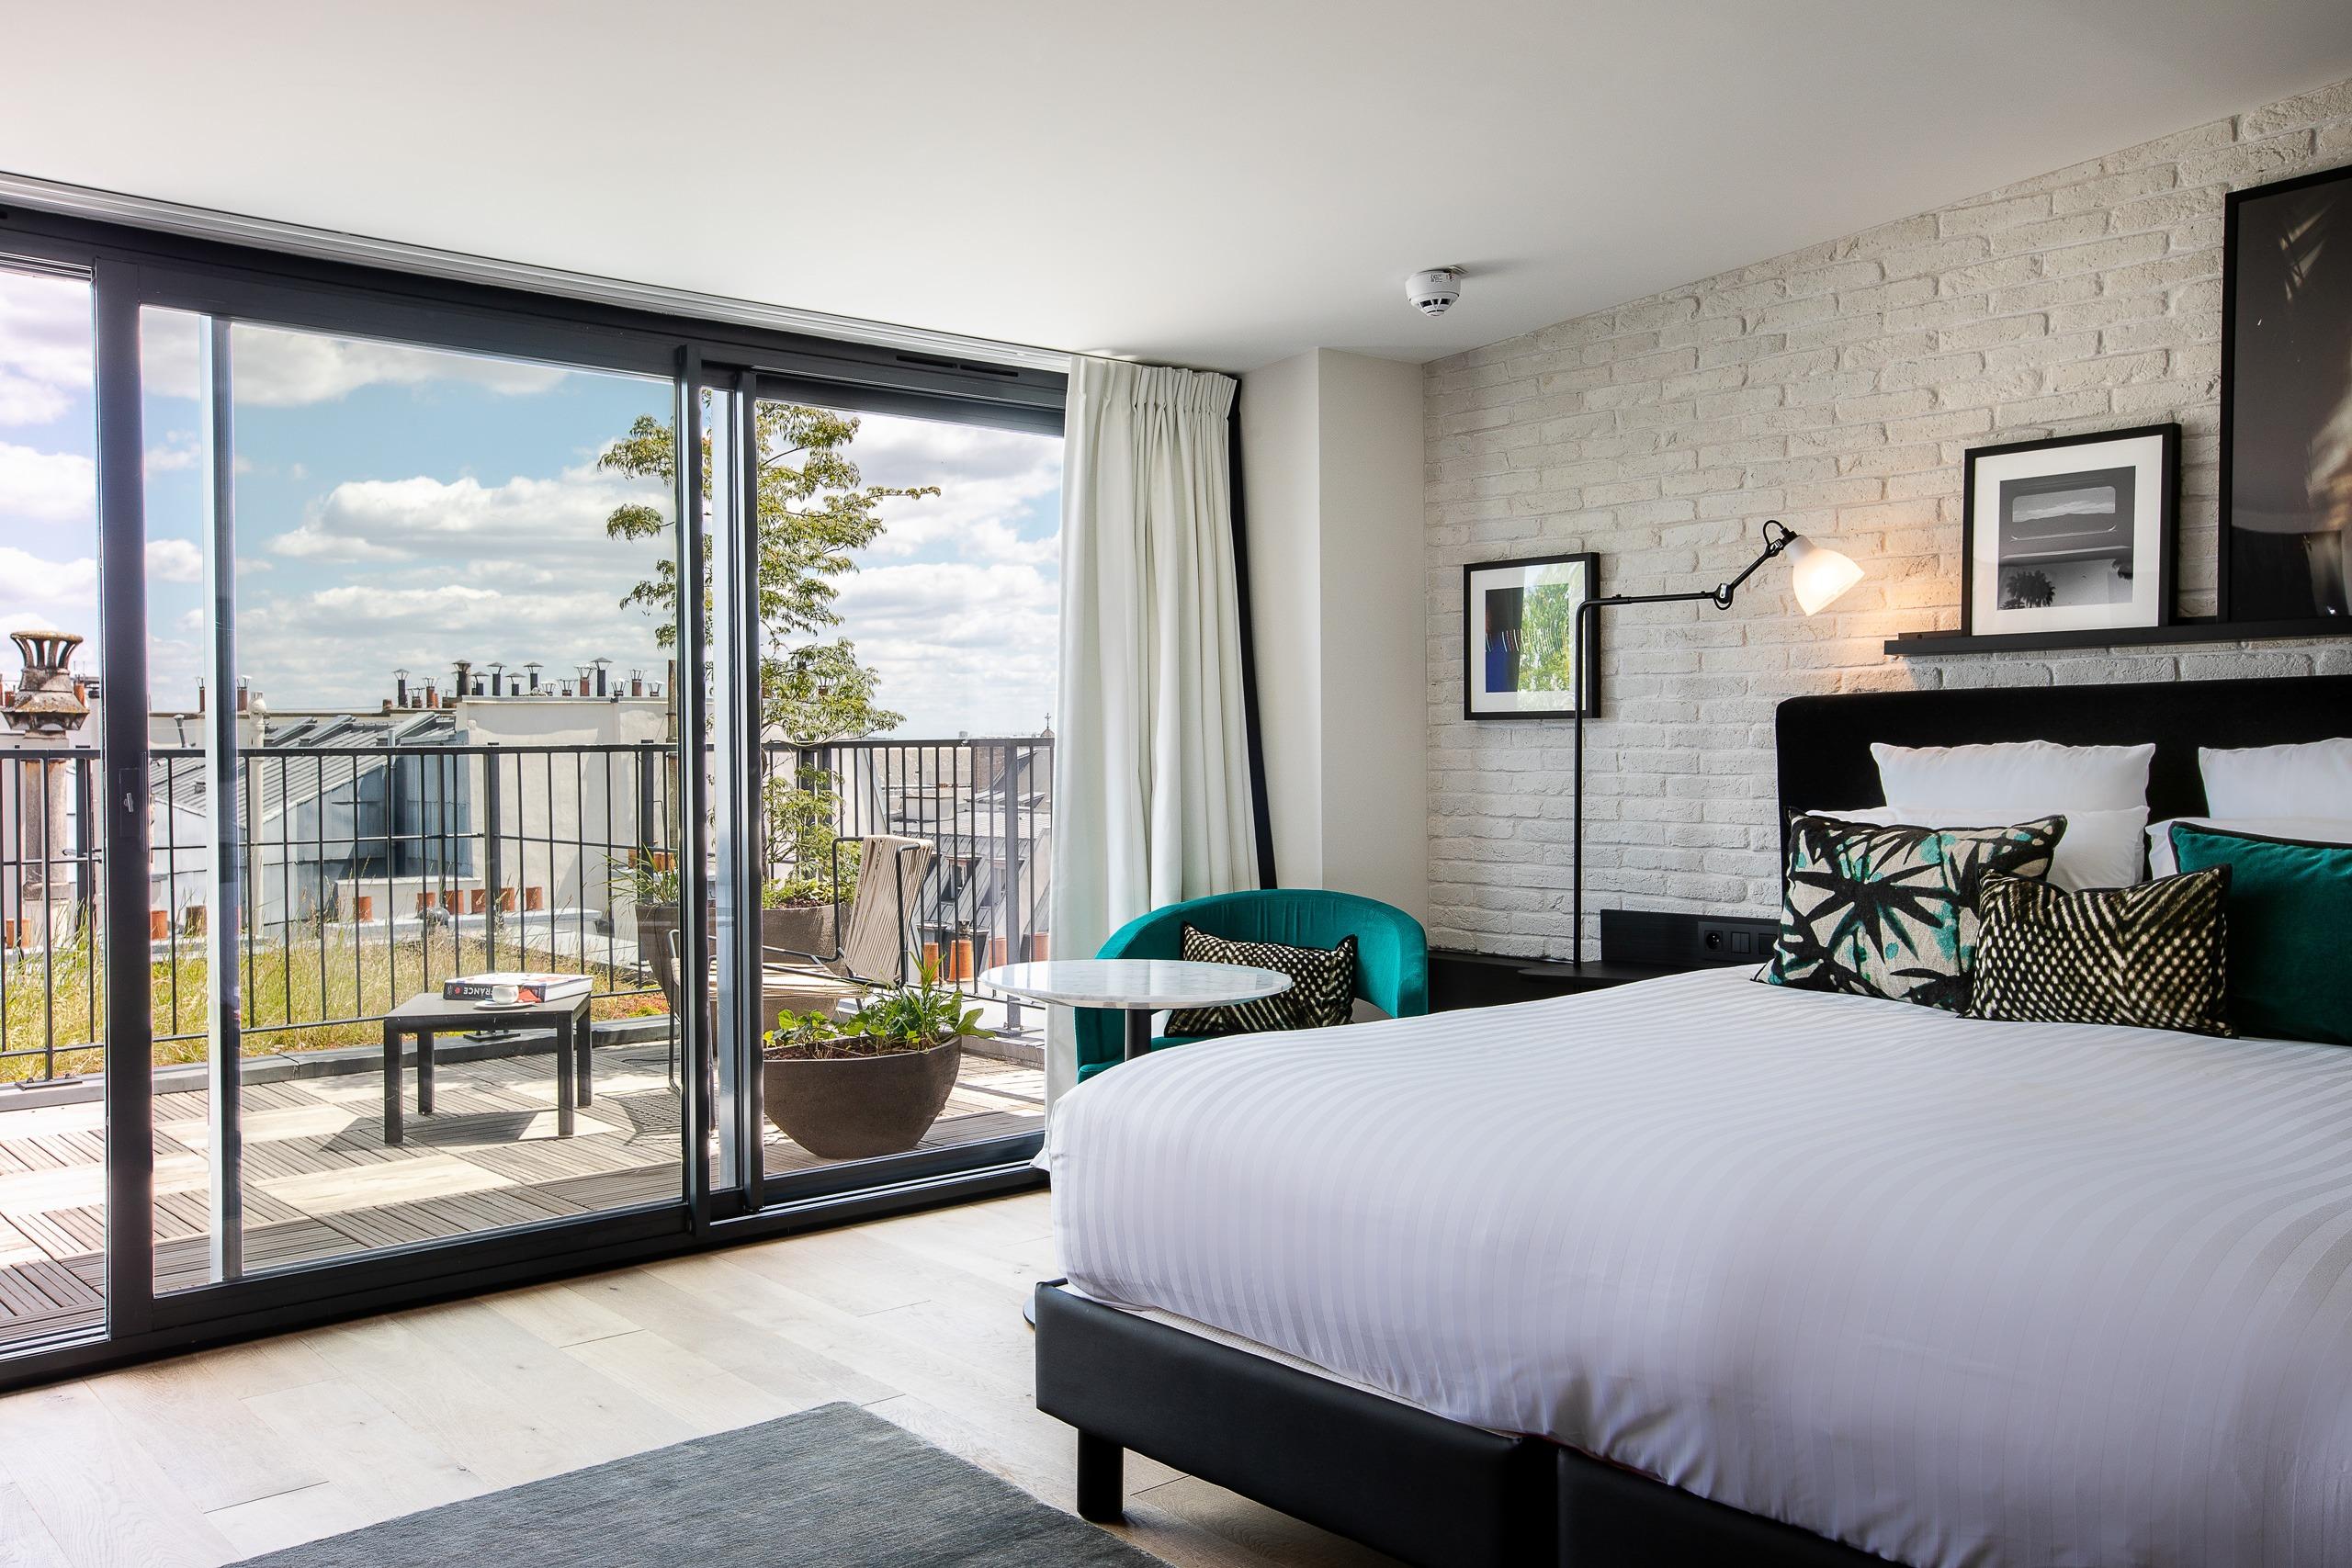 Chambre du LAZ' Hotel Paris